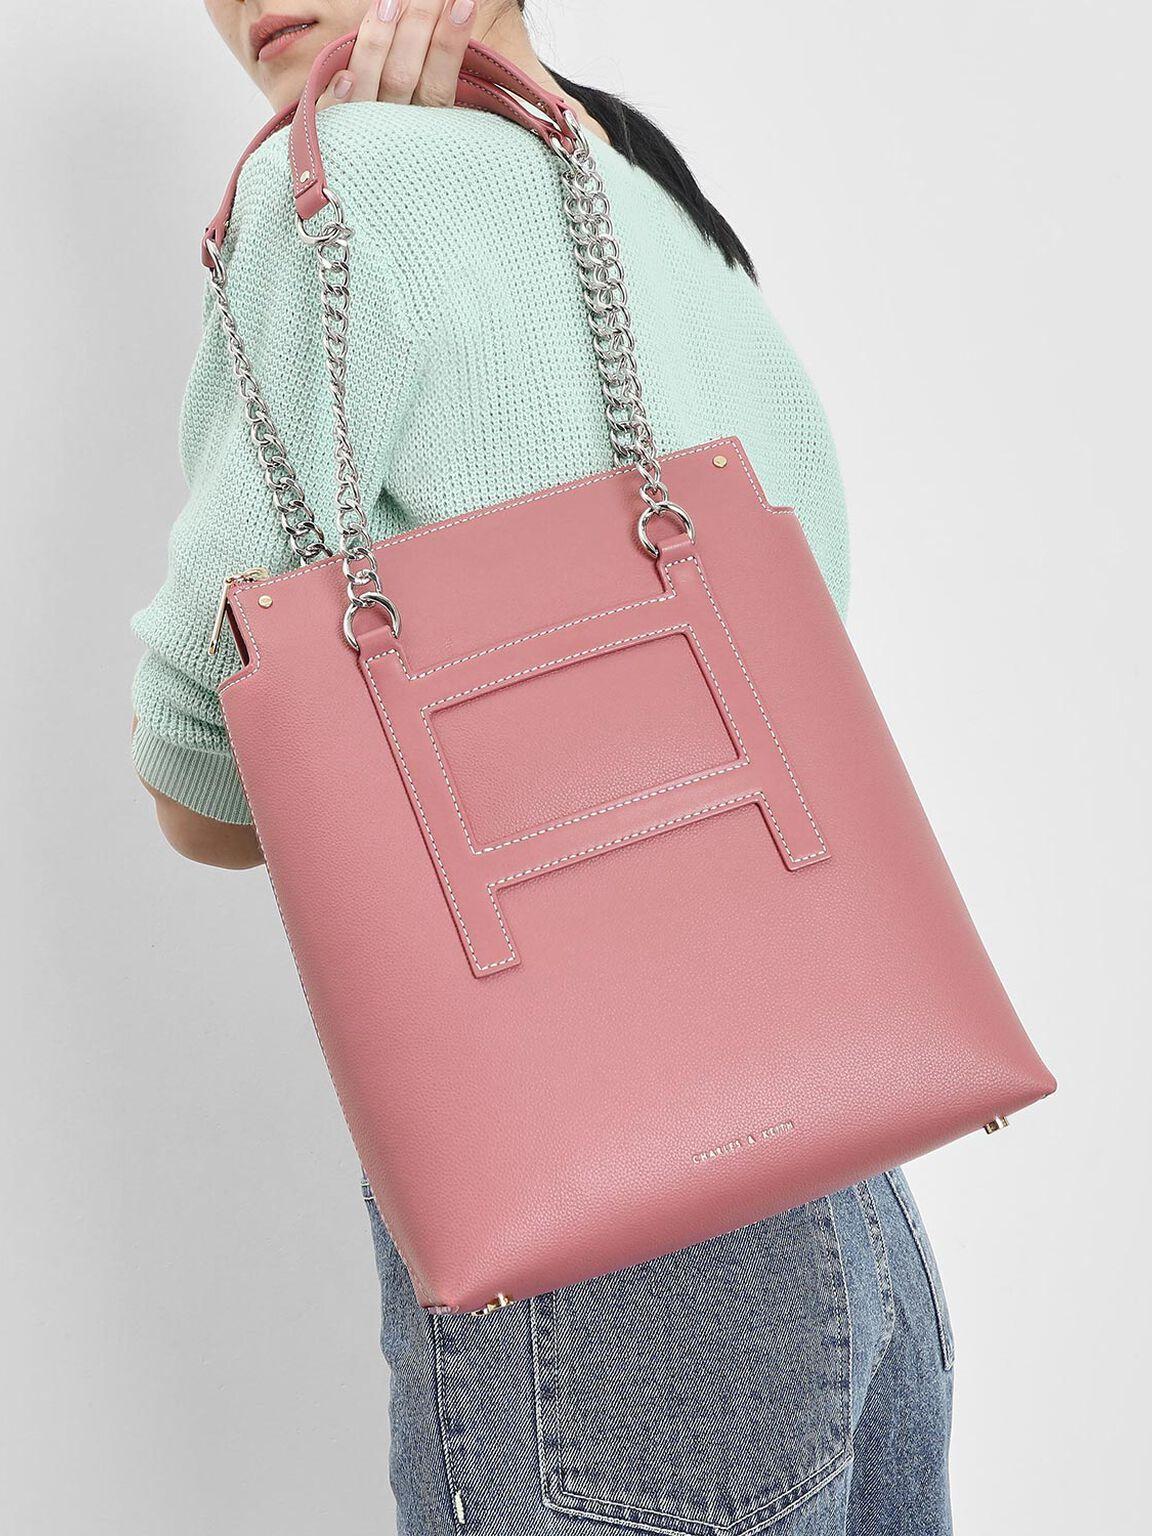 Long Chain Tote Bag, Pink, hi-res